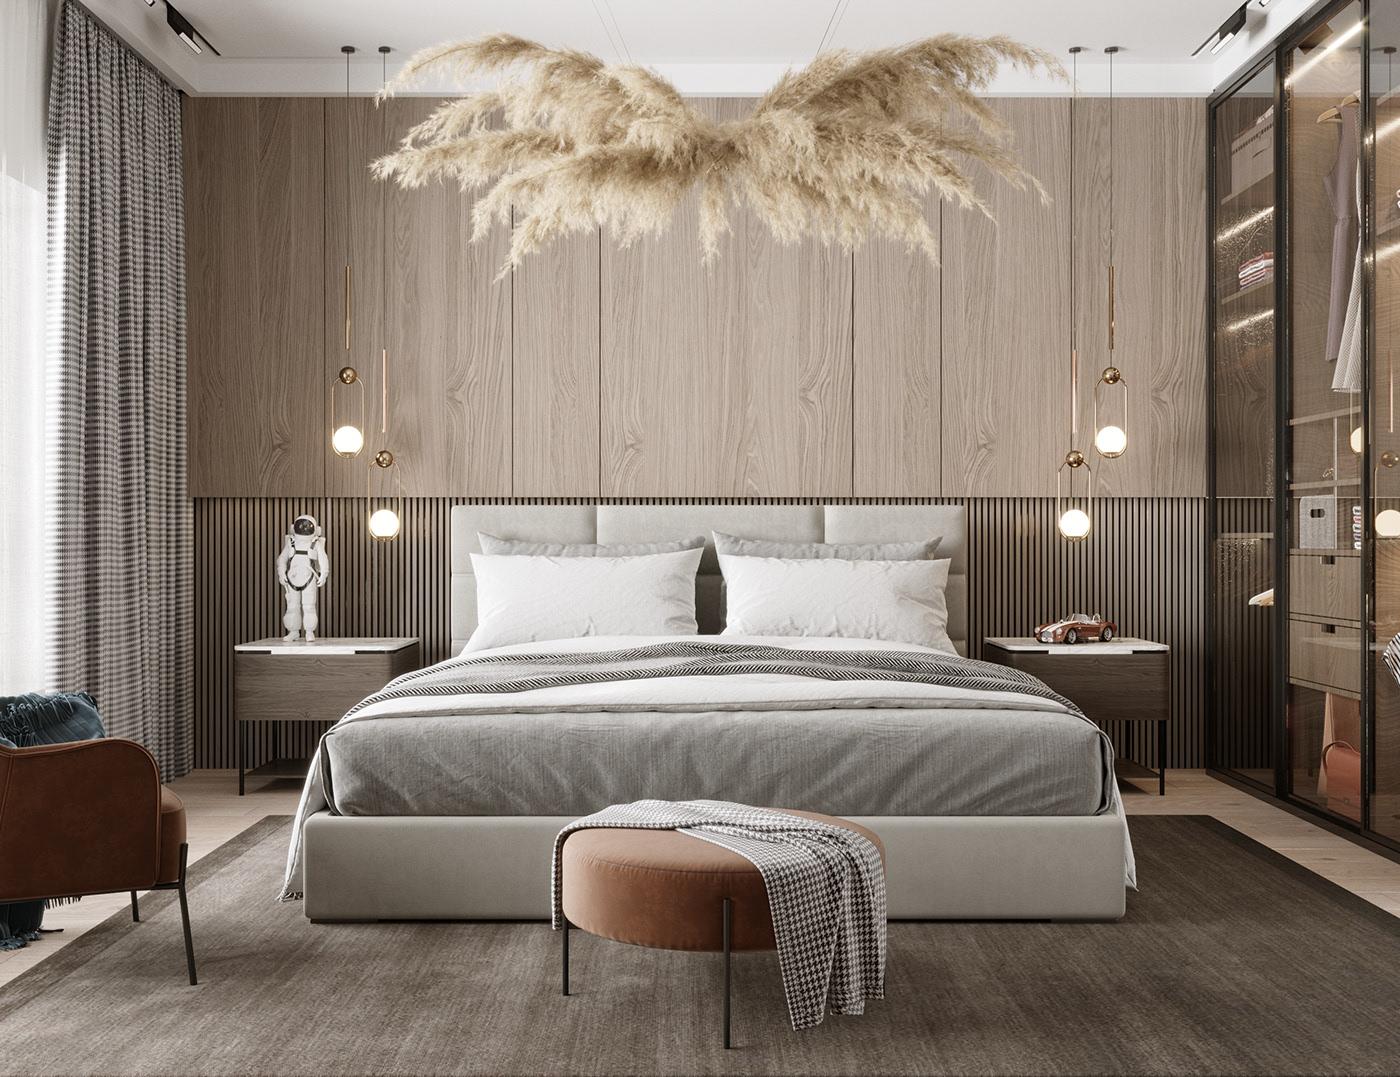 Knightsbridge Luxury Bedroom Furniture 1